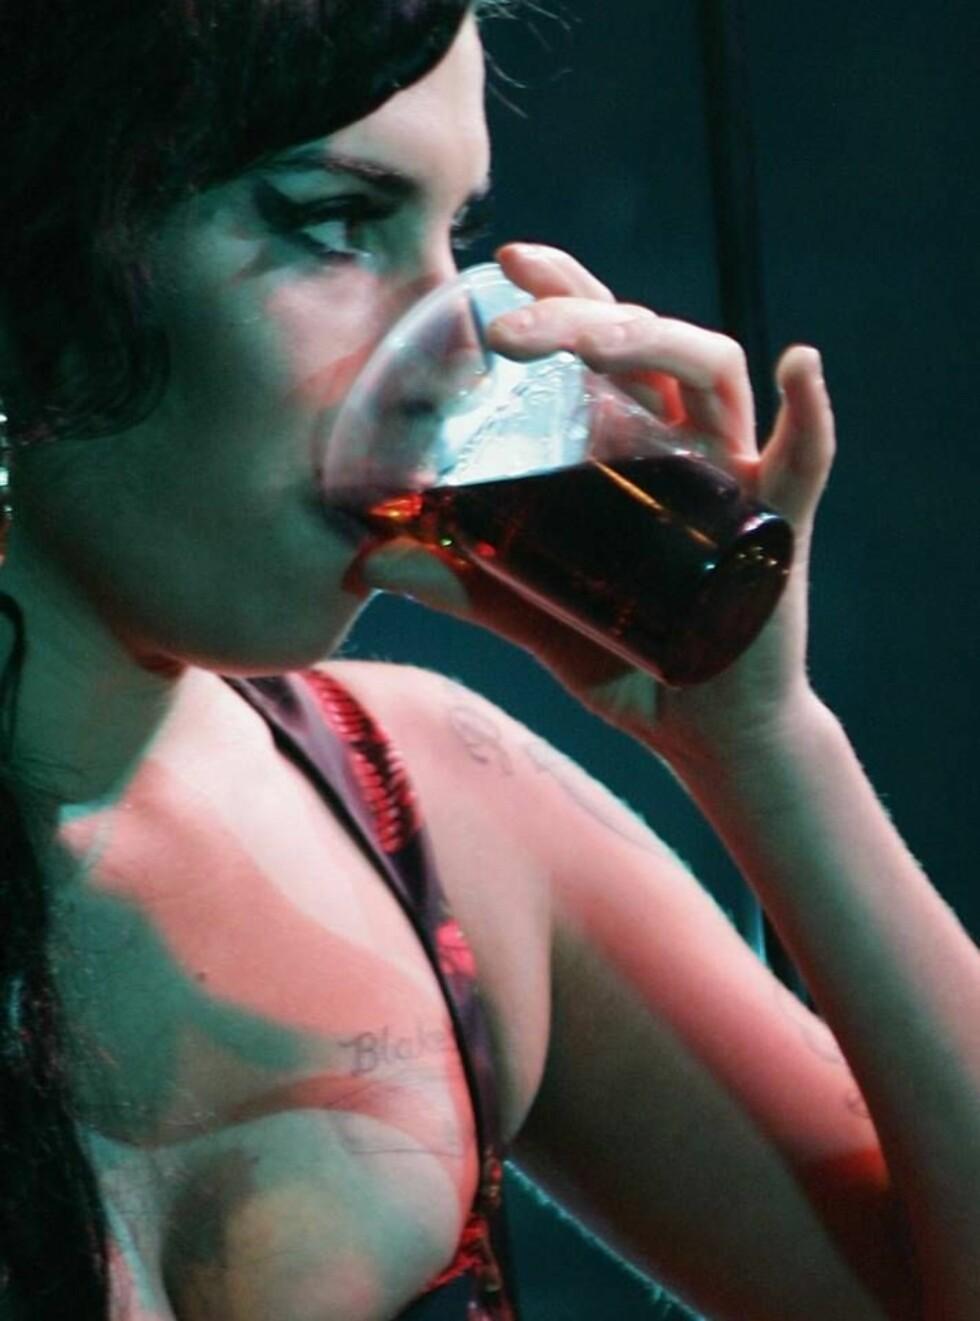 TØRST: Amy Winehouse lever virkelig opp til etternavnet sitt, men innrømmer at hun faktisk har et stort problem med alkohol.  Foto: All Over Press